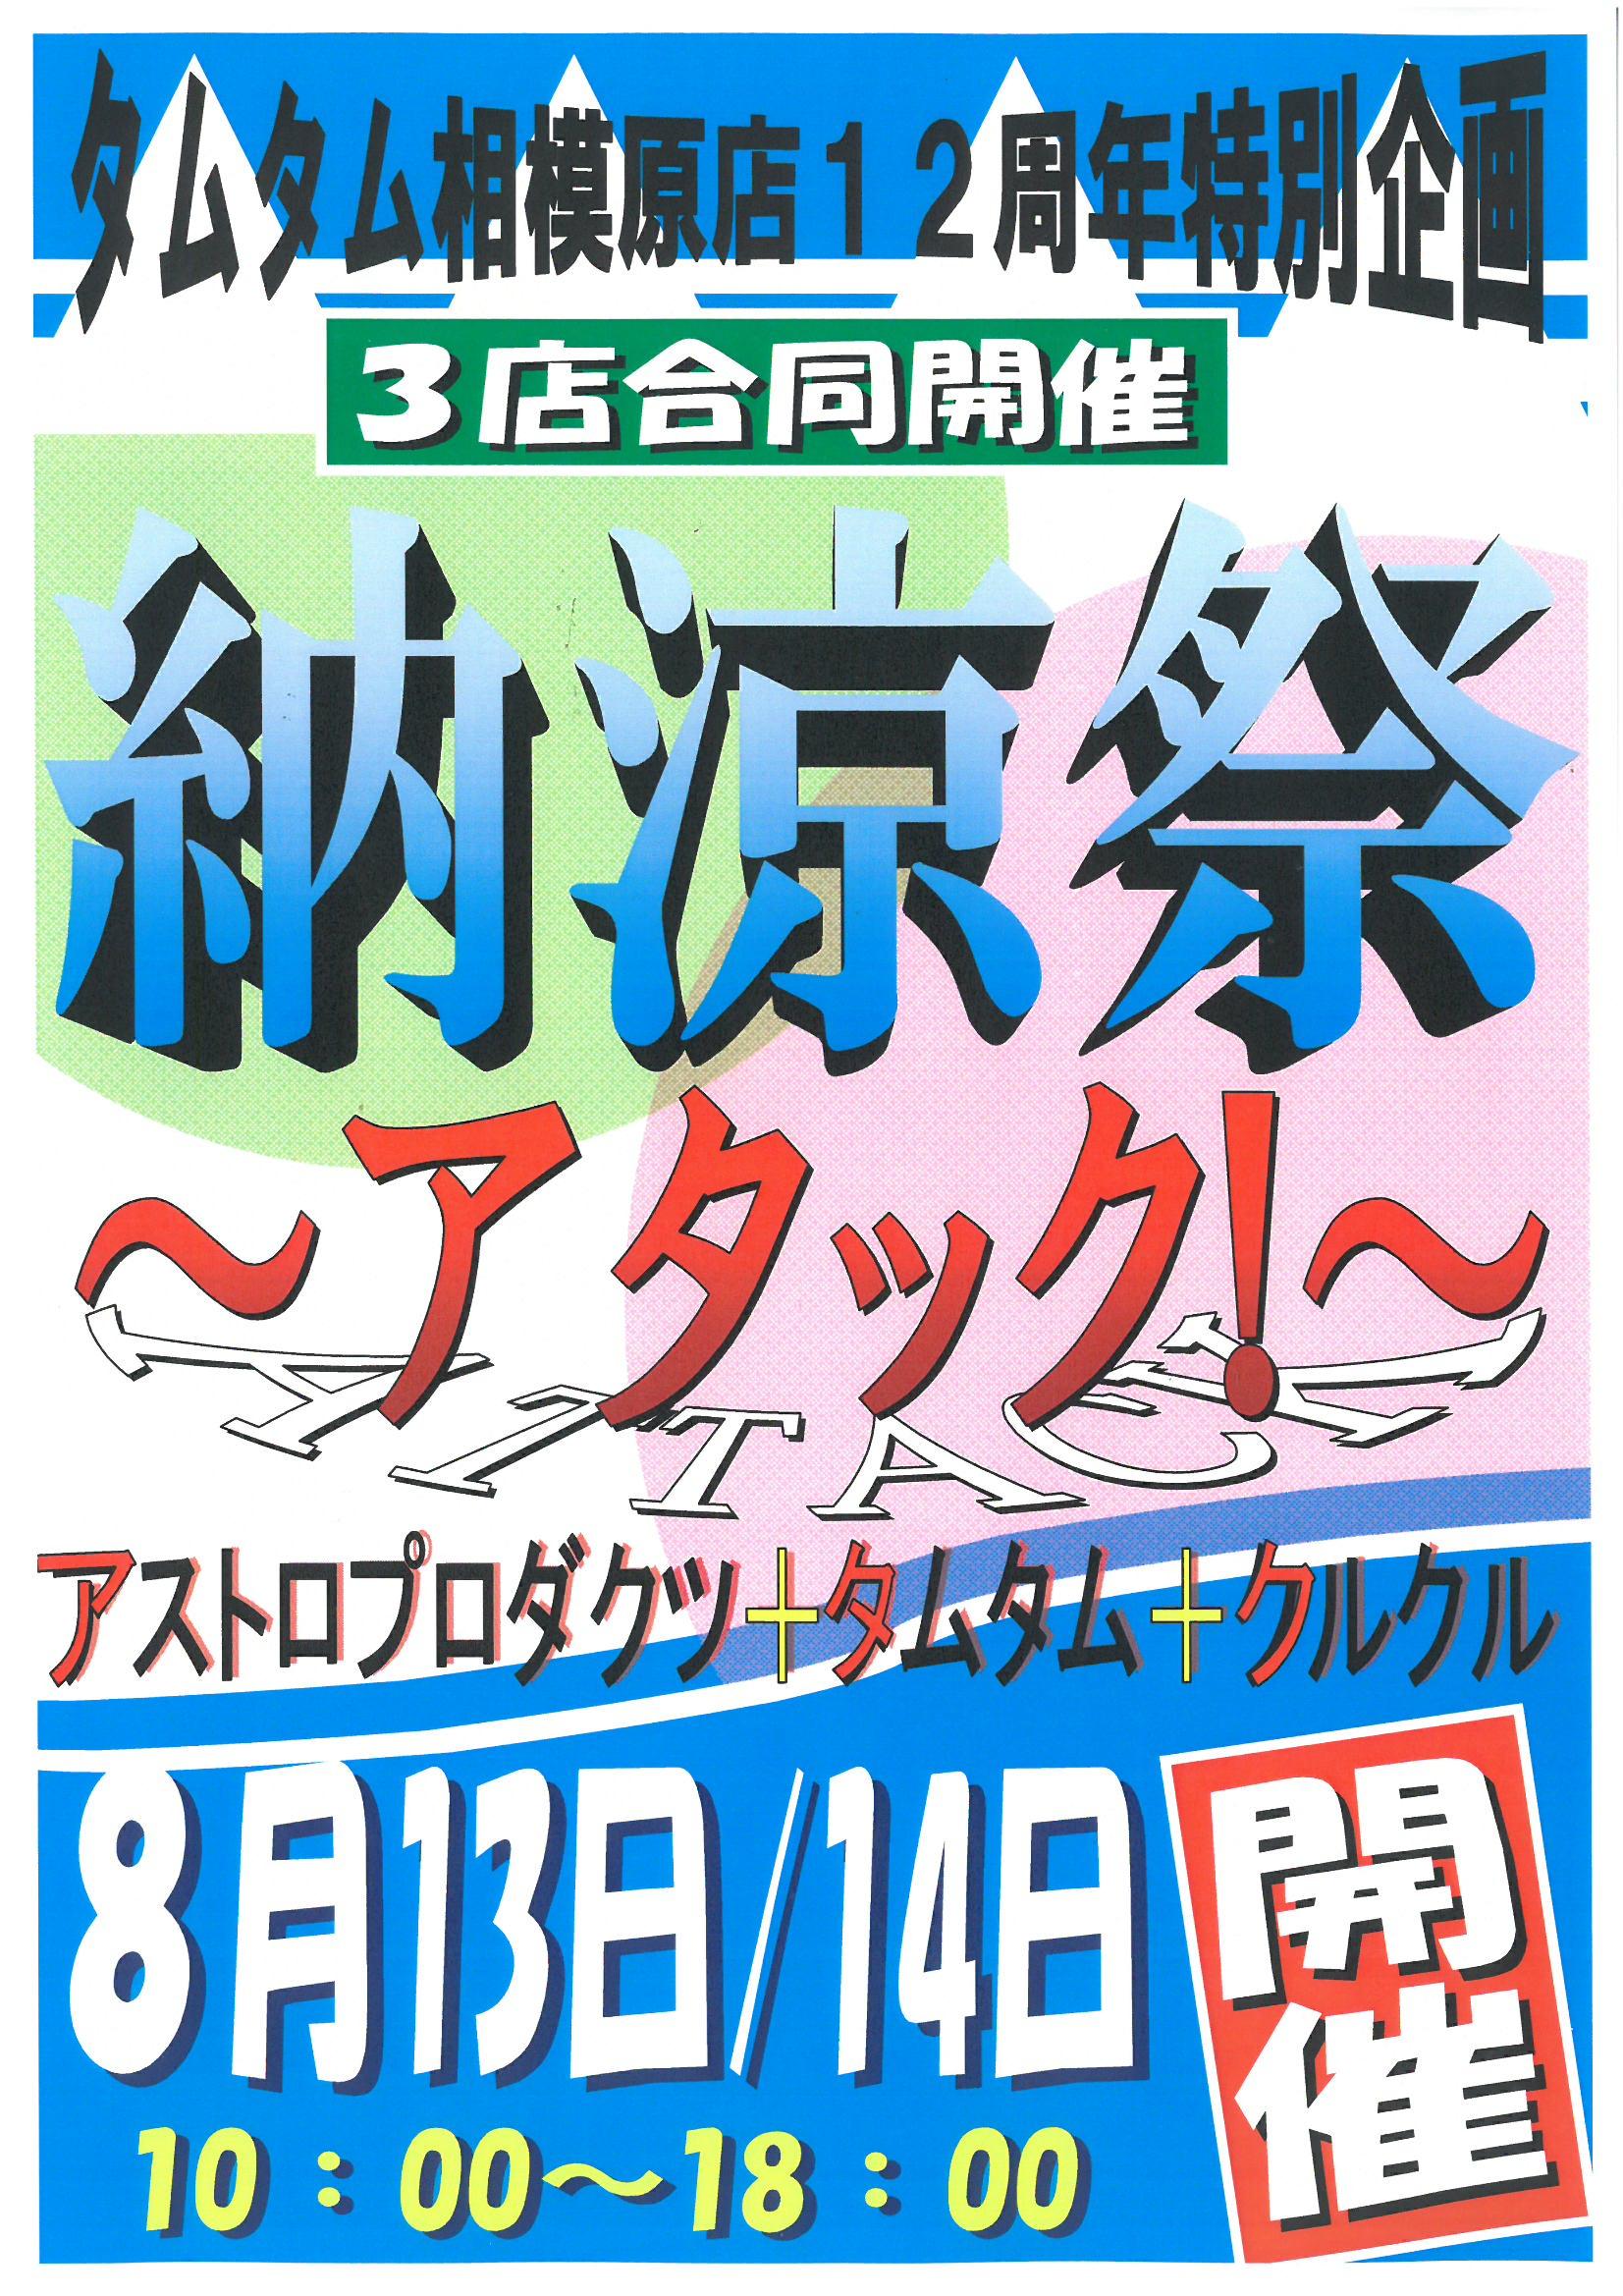 タムタム相模原店 納涼祭開催のお知らせ